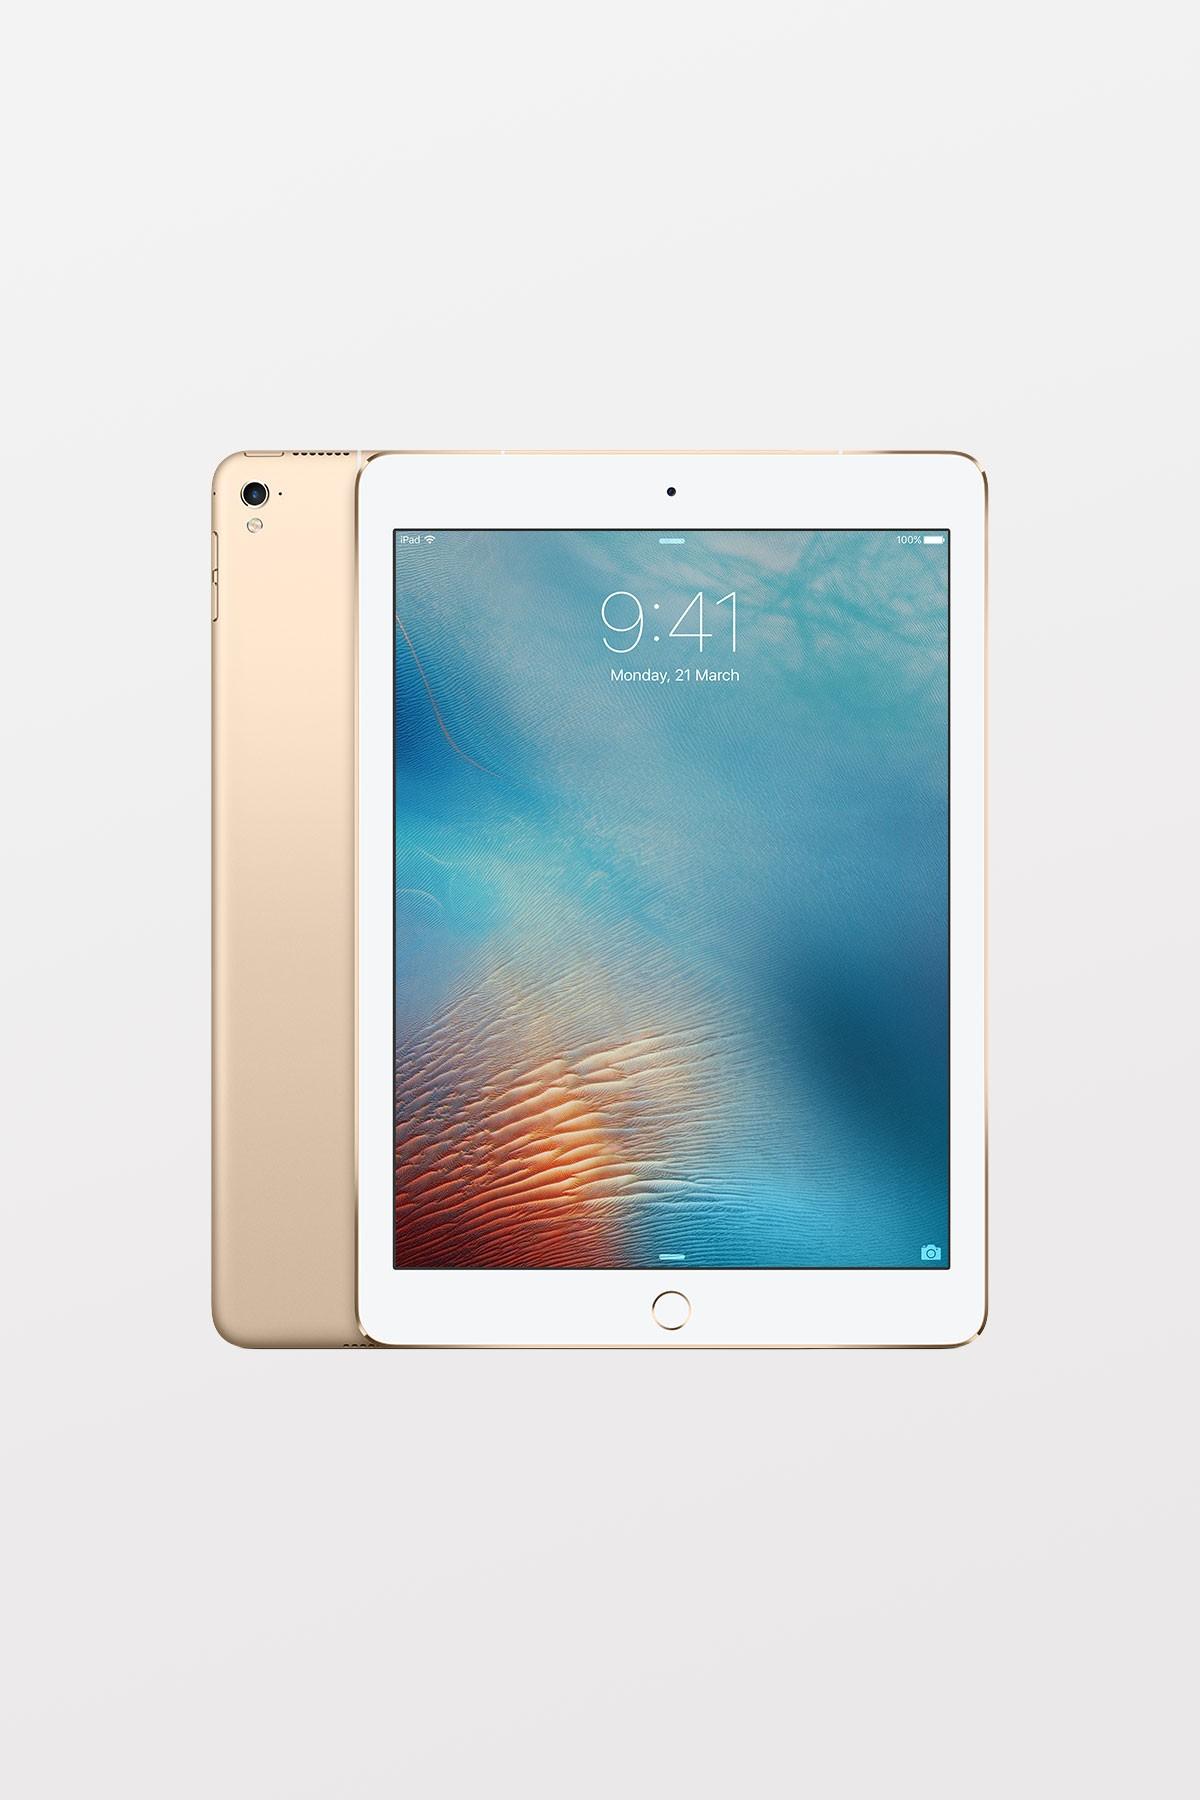 Apple iPad Pro 9.7-inch Wi-Fi 32GB - Gold - Refurbished